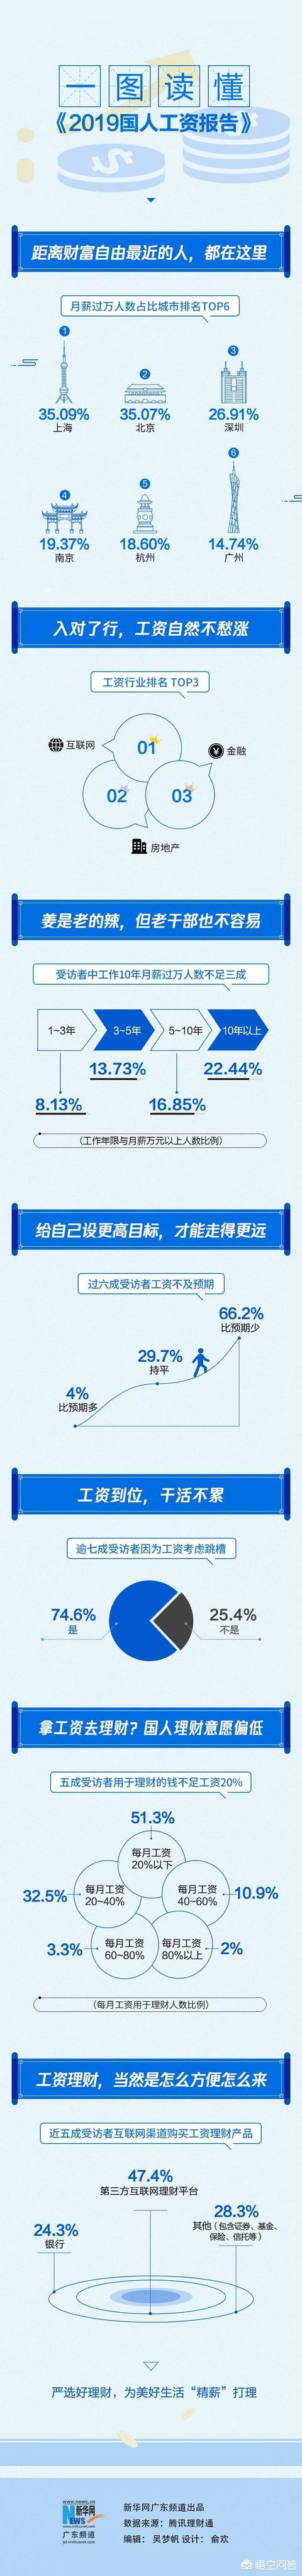 年收入100万在中国比例,月收入1.5万在全国算什么水平?